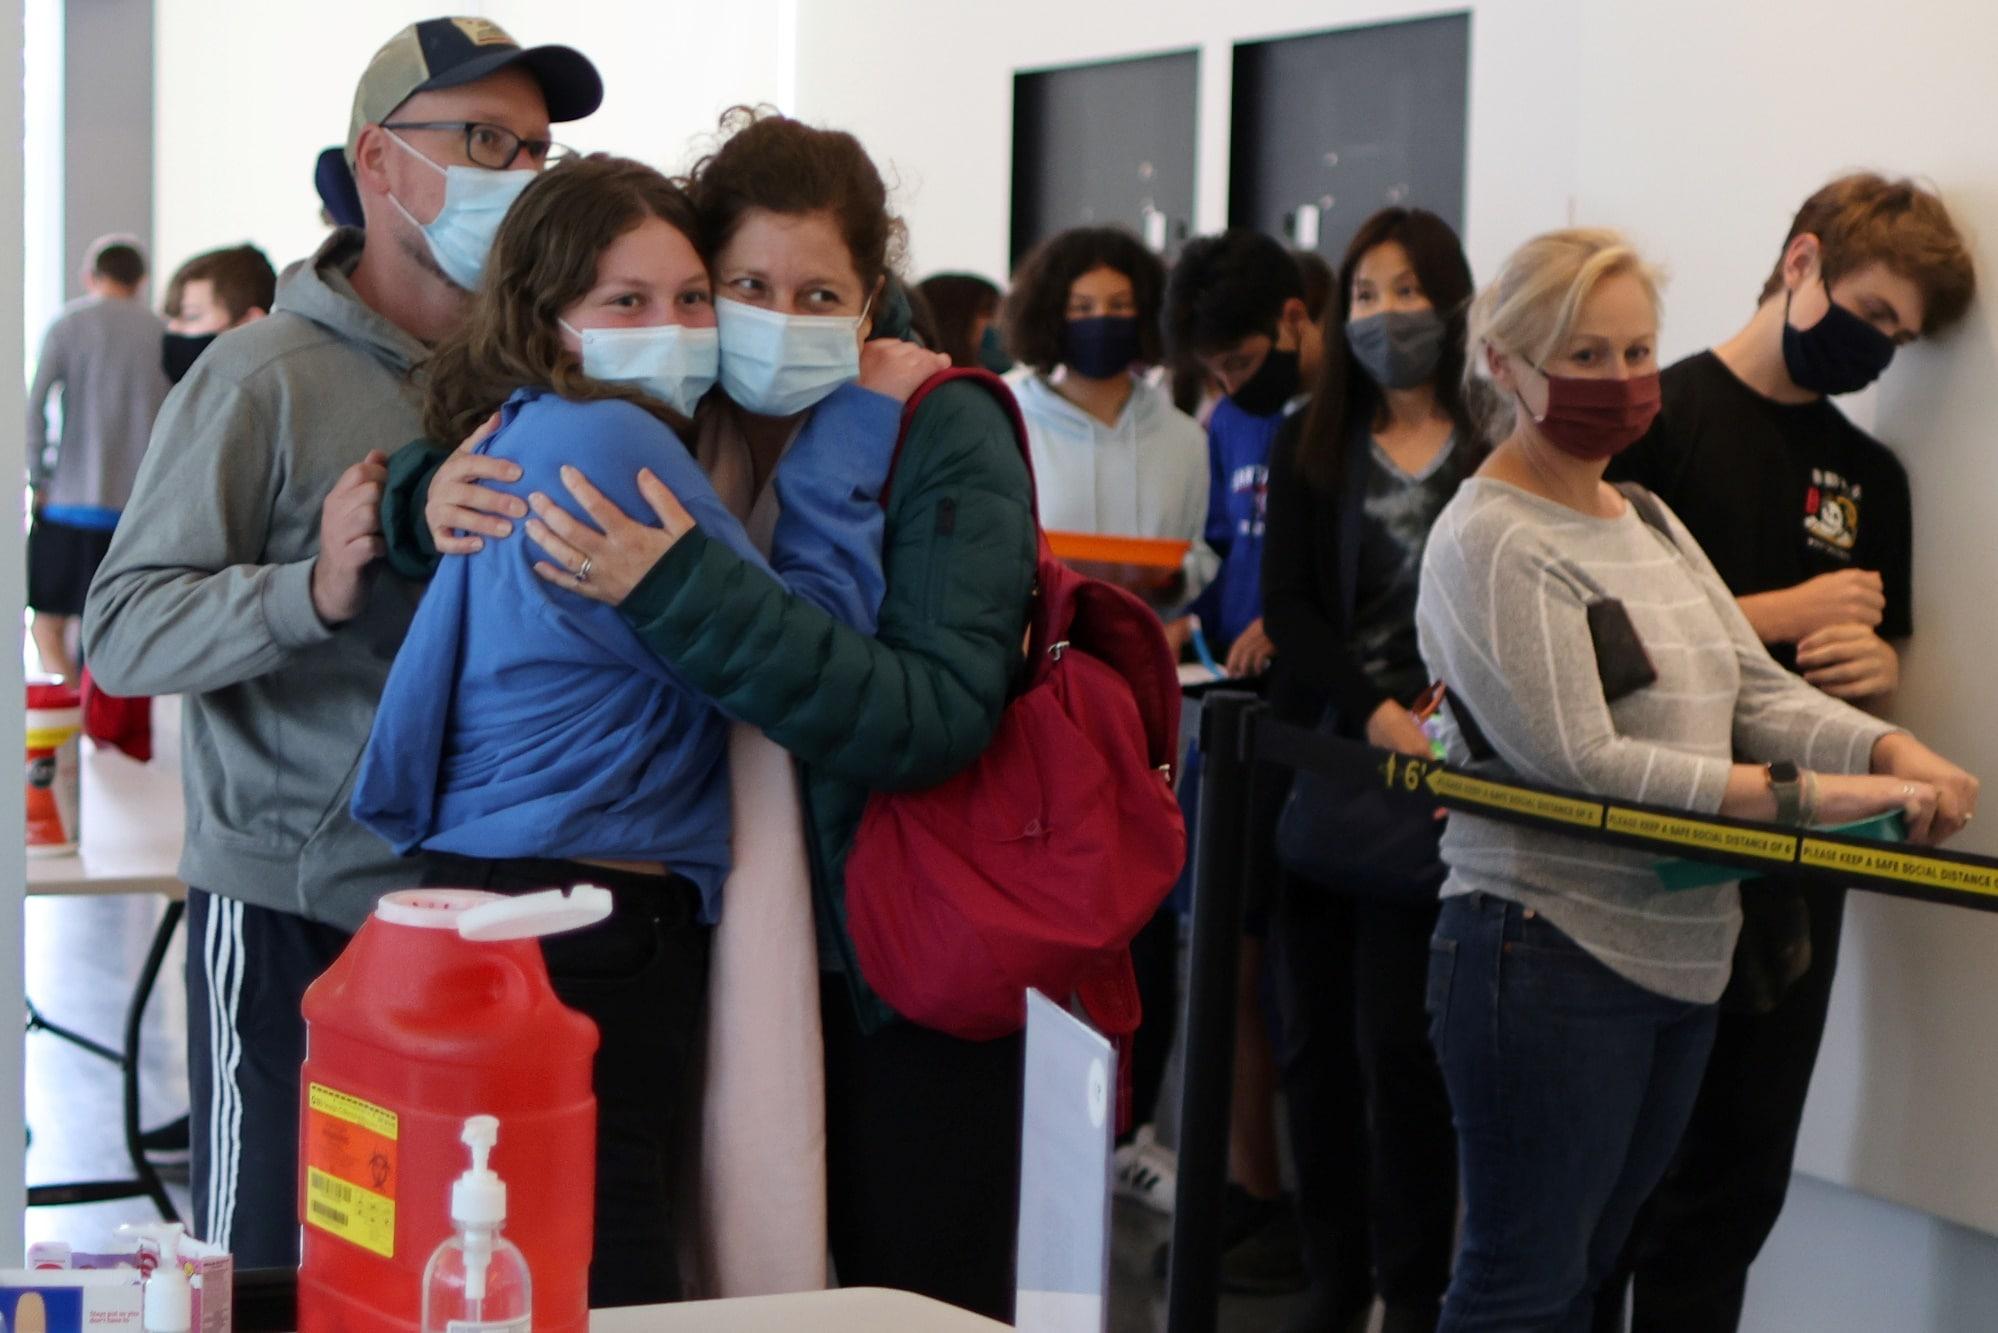 Kalifornie: Žena objímá dceru poté, co se obě nechaly očkovat proti covidu-19